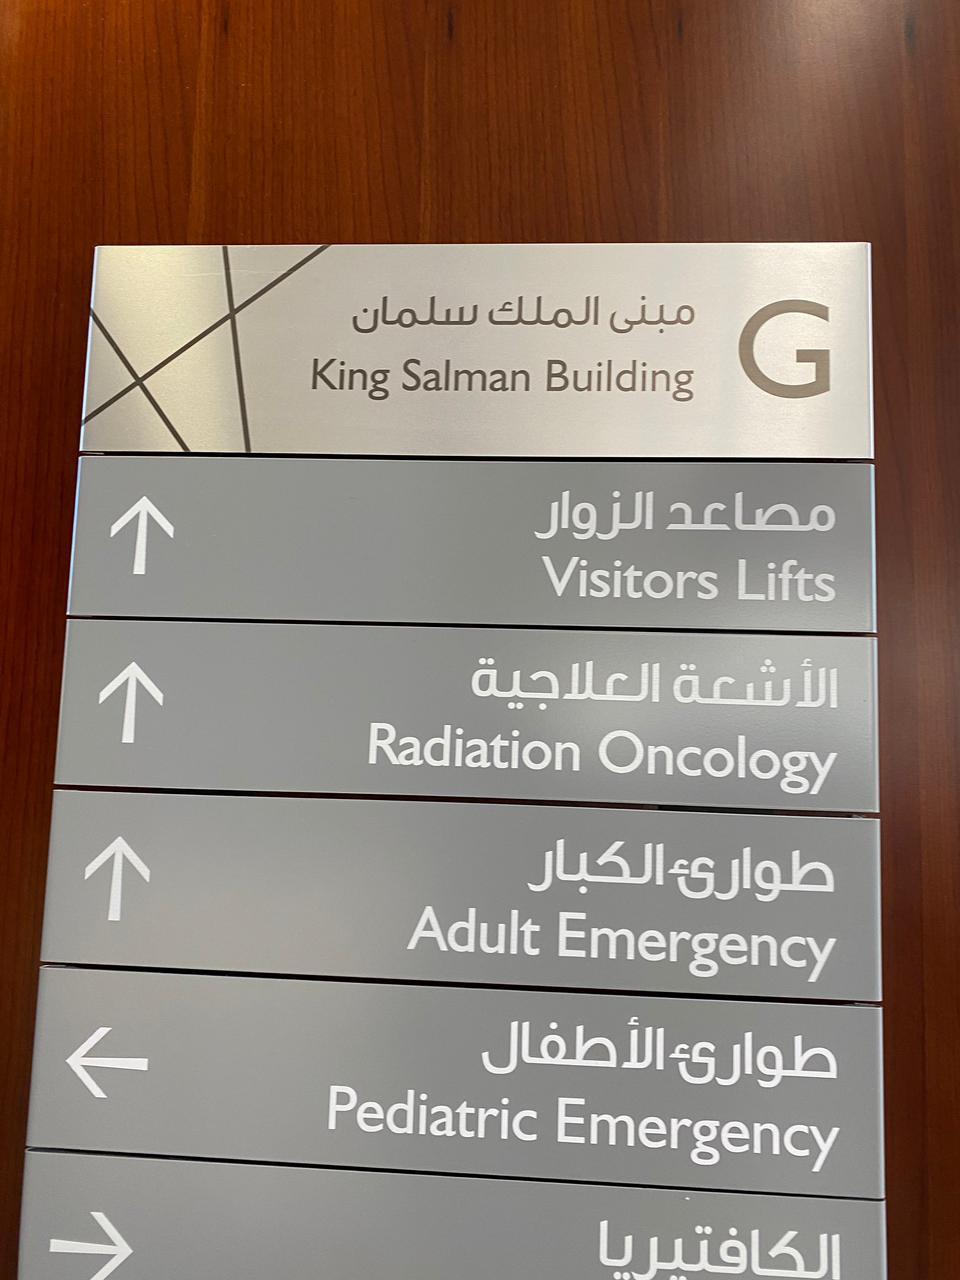 السديري والأميرة غيداء يتفقدان مبنى الملك سلمان في مركز الحسين للسرطان - المواطن